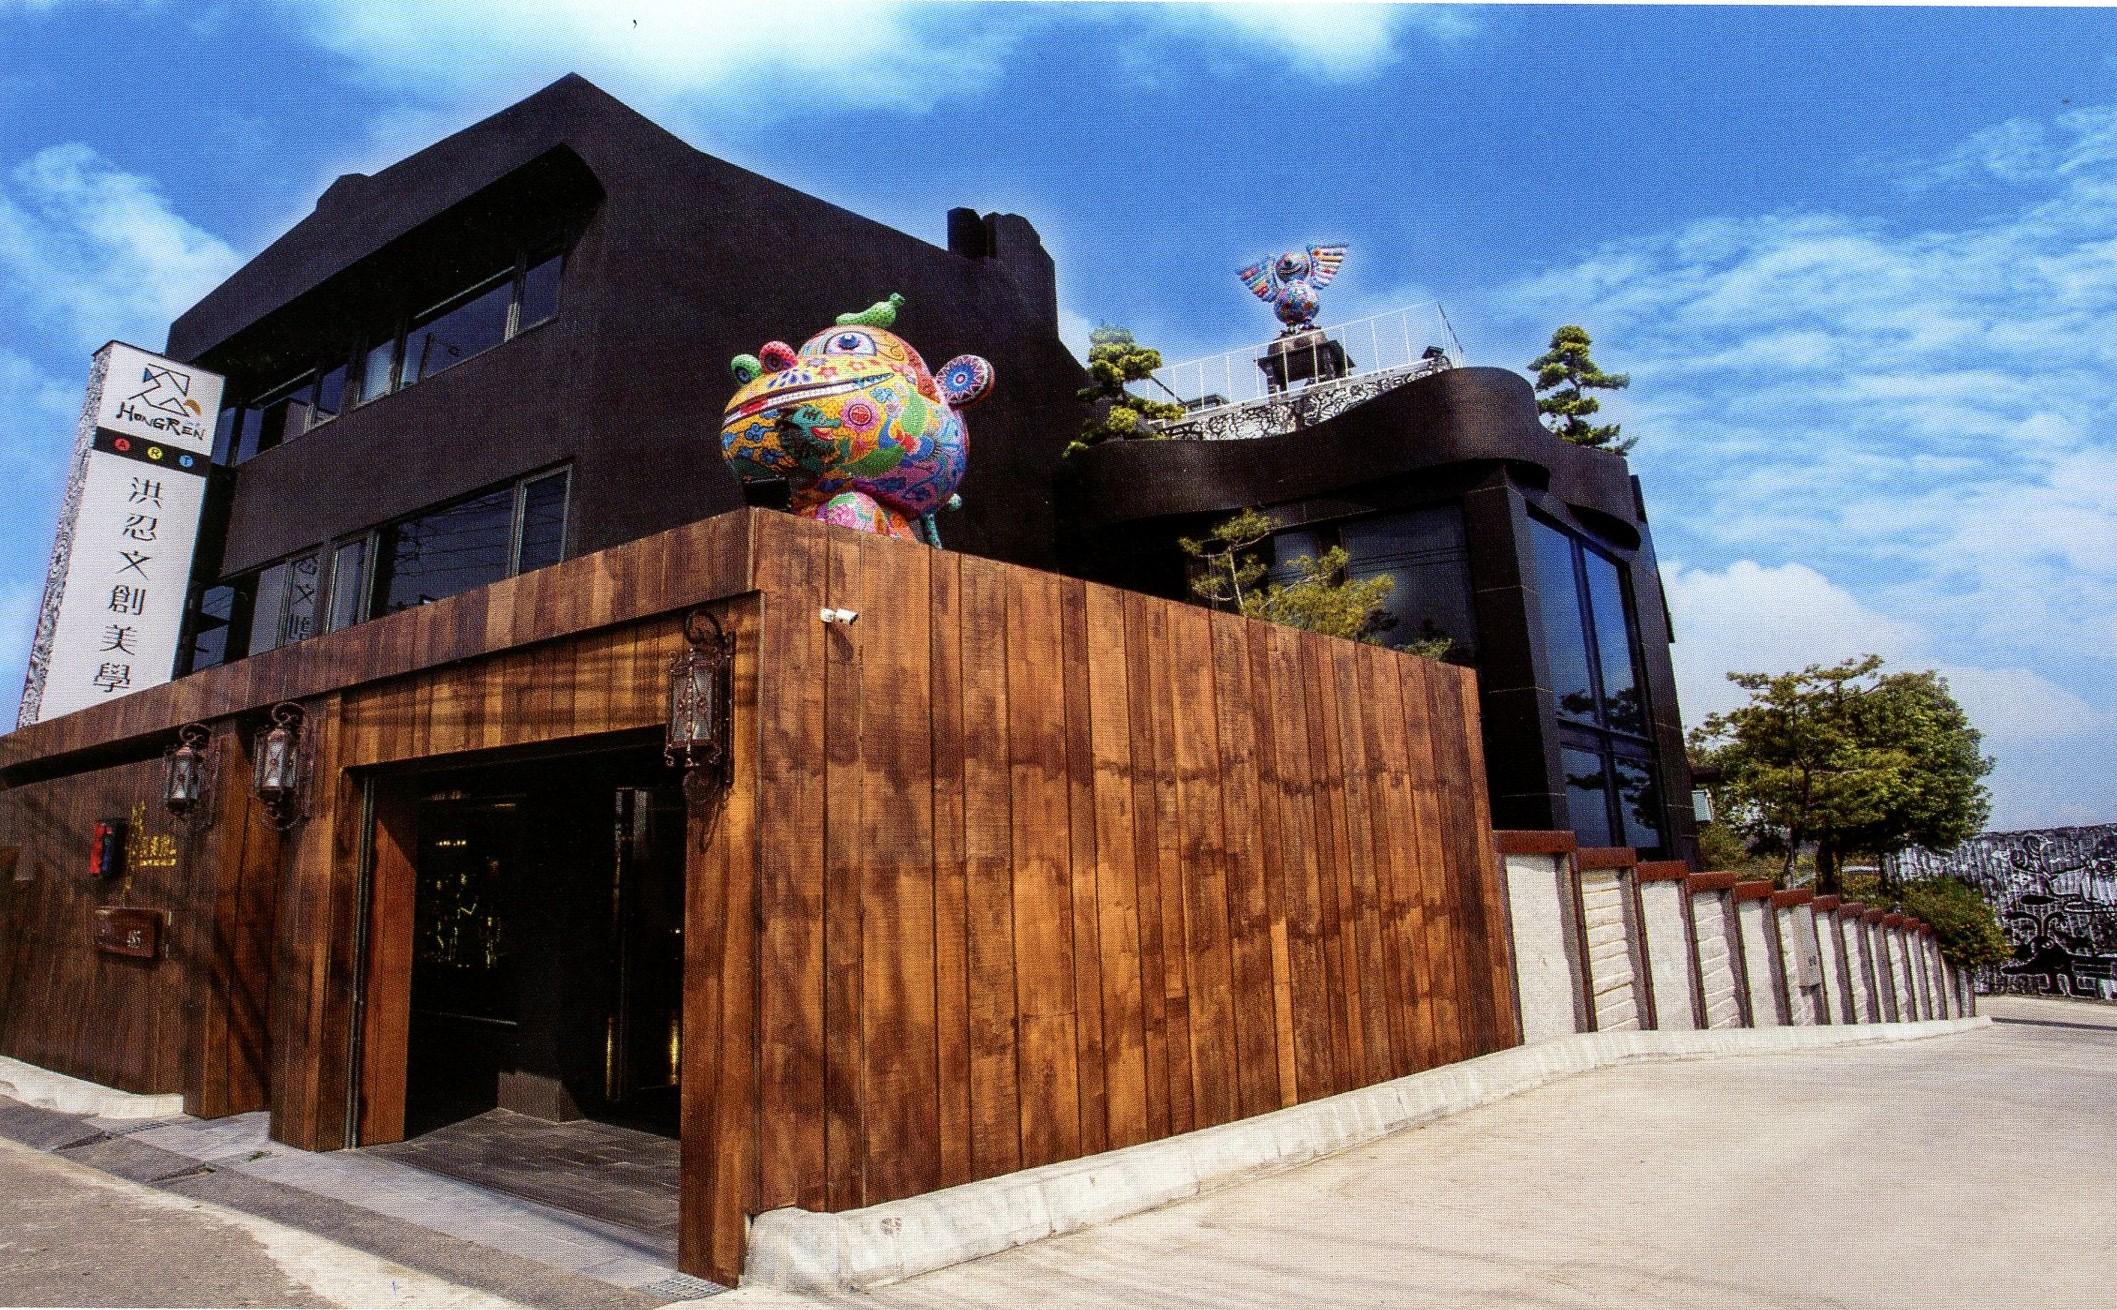 洪易美術館大器座落在彰化市彰南路上,期盼帶動周邊環境新藝術氣息。